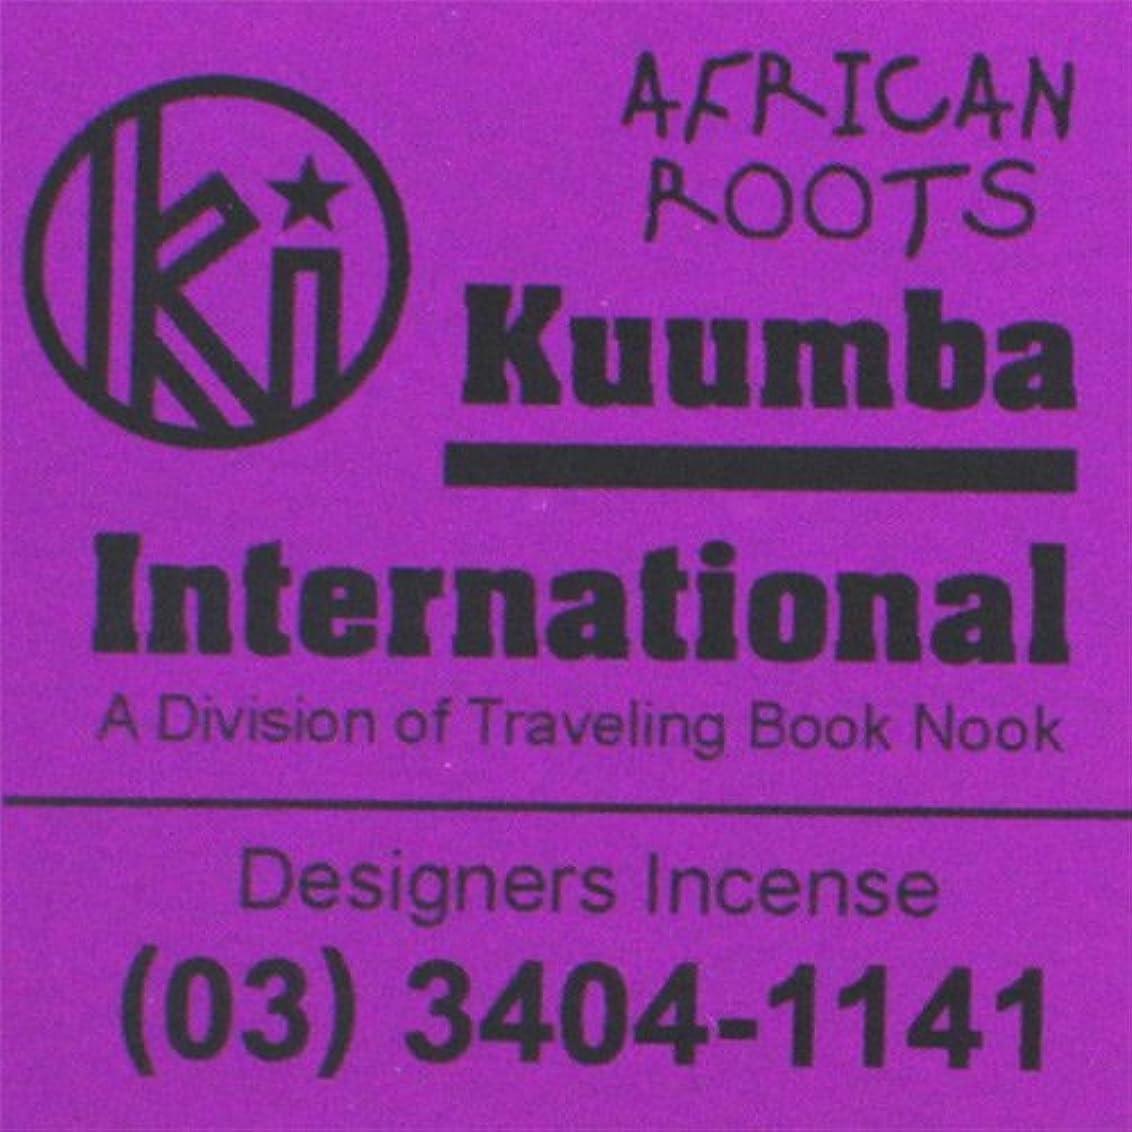 せがむピクニック手首KUUMBA / クンバ『incense』(AFRICAN ROOTS) (Regular size)